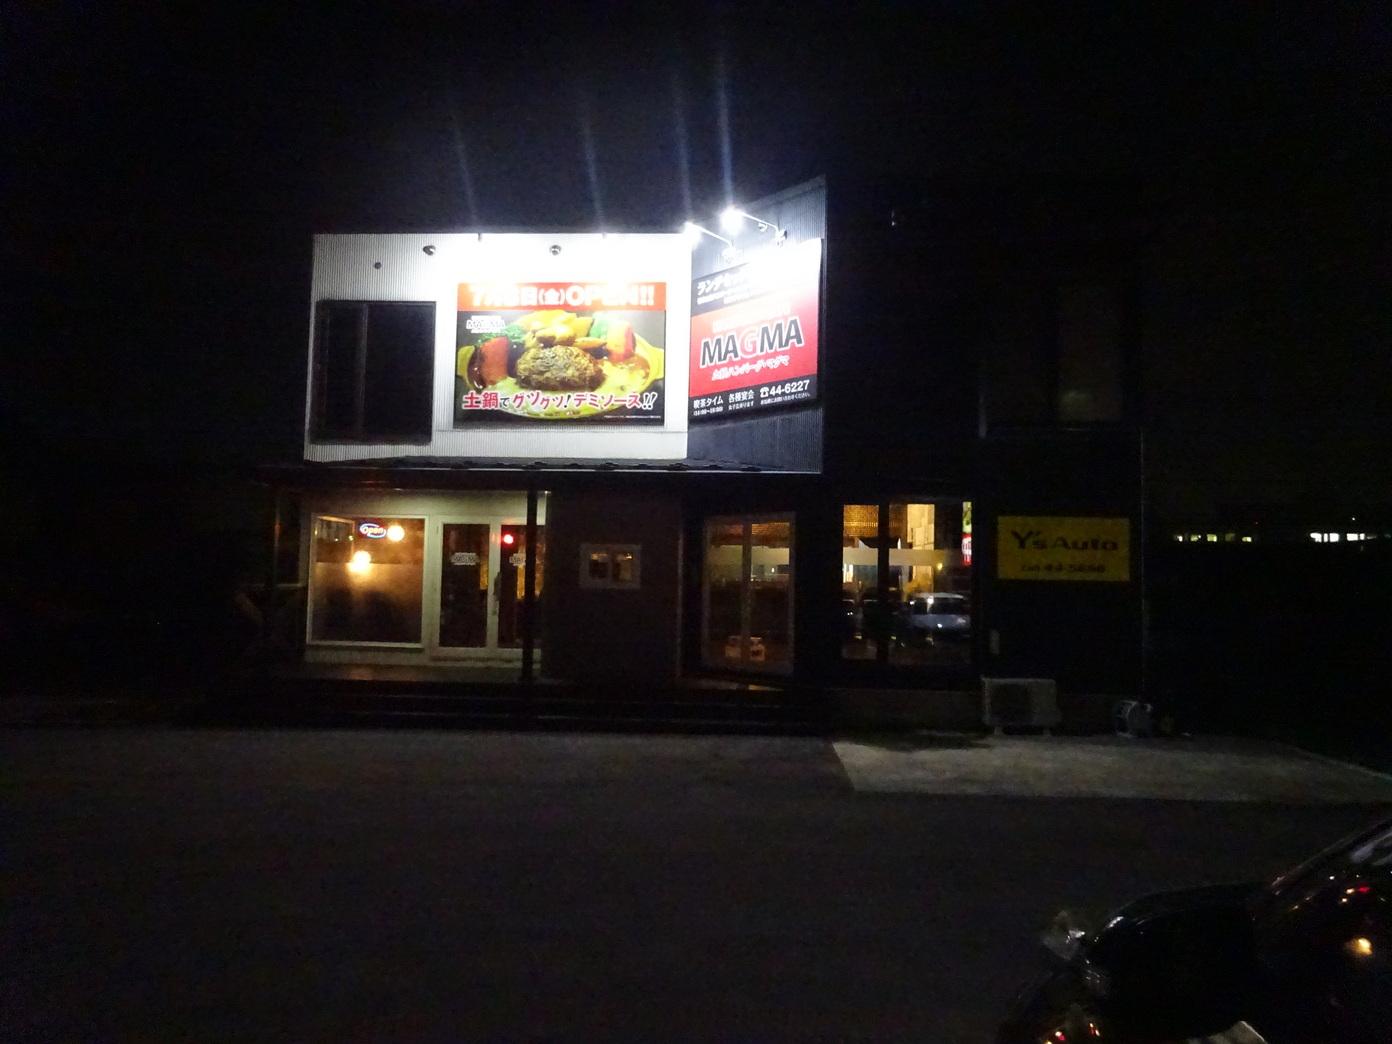 ハンバーグアンドカフェ マグマ